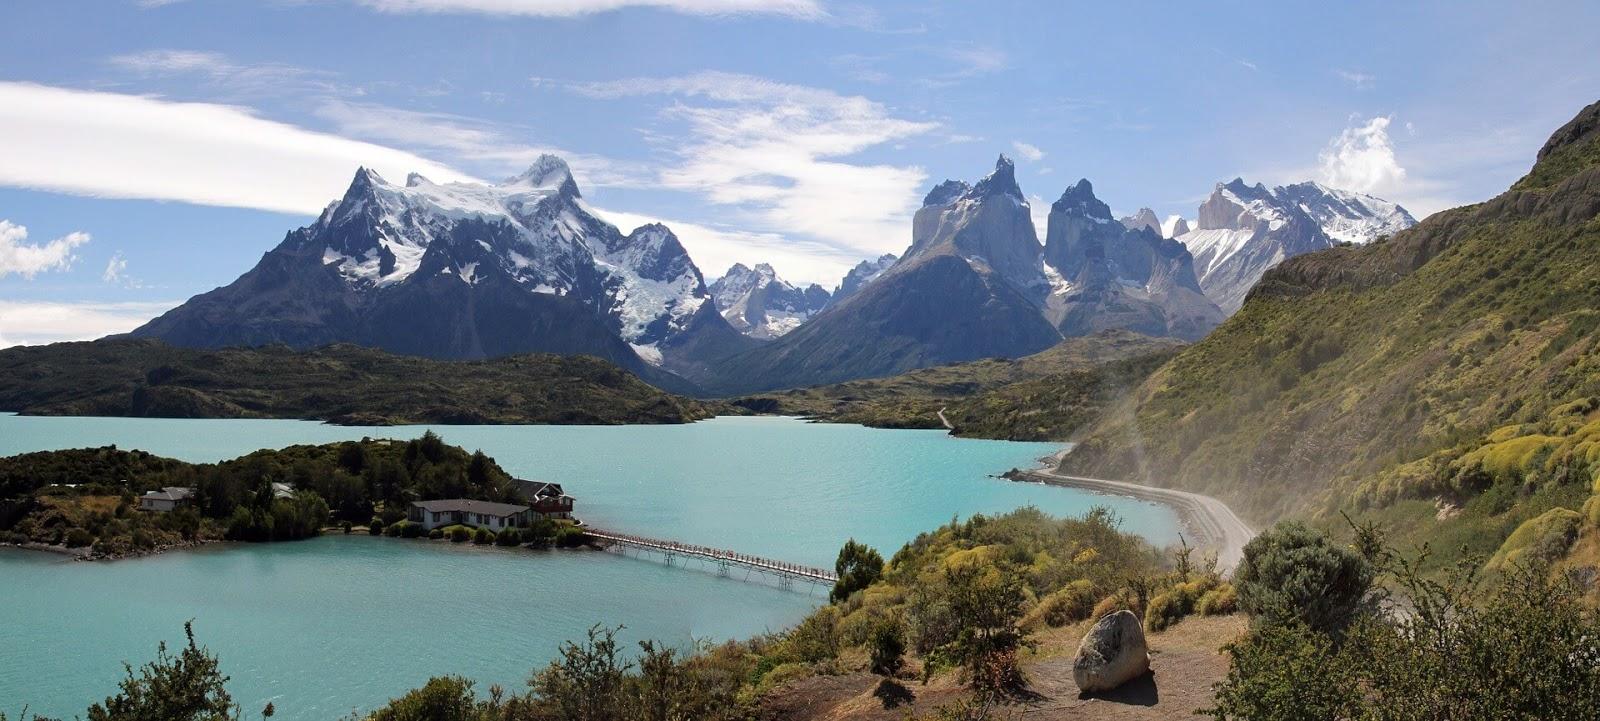 torres-del-paine_Patagonia_Chile